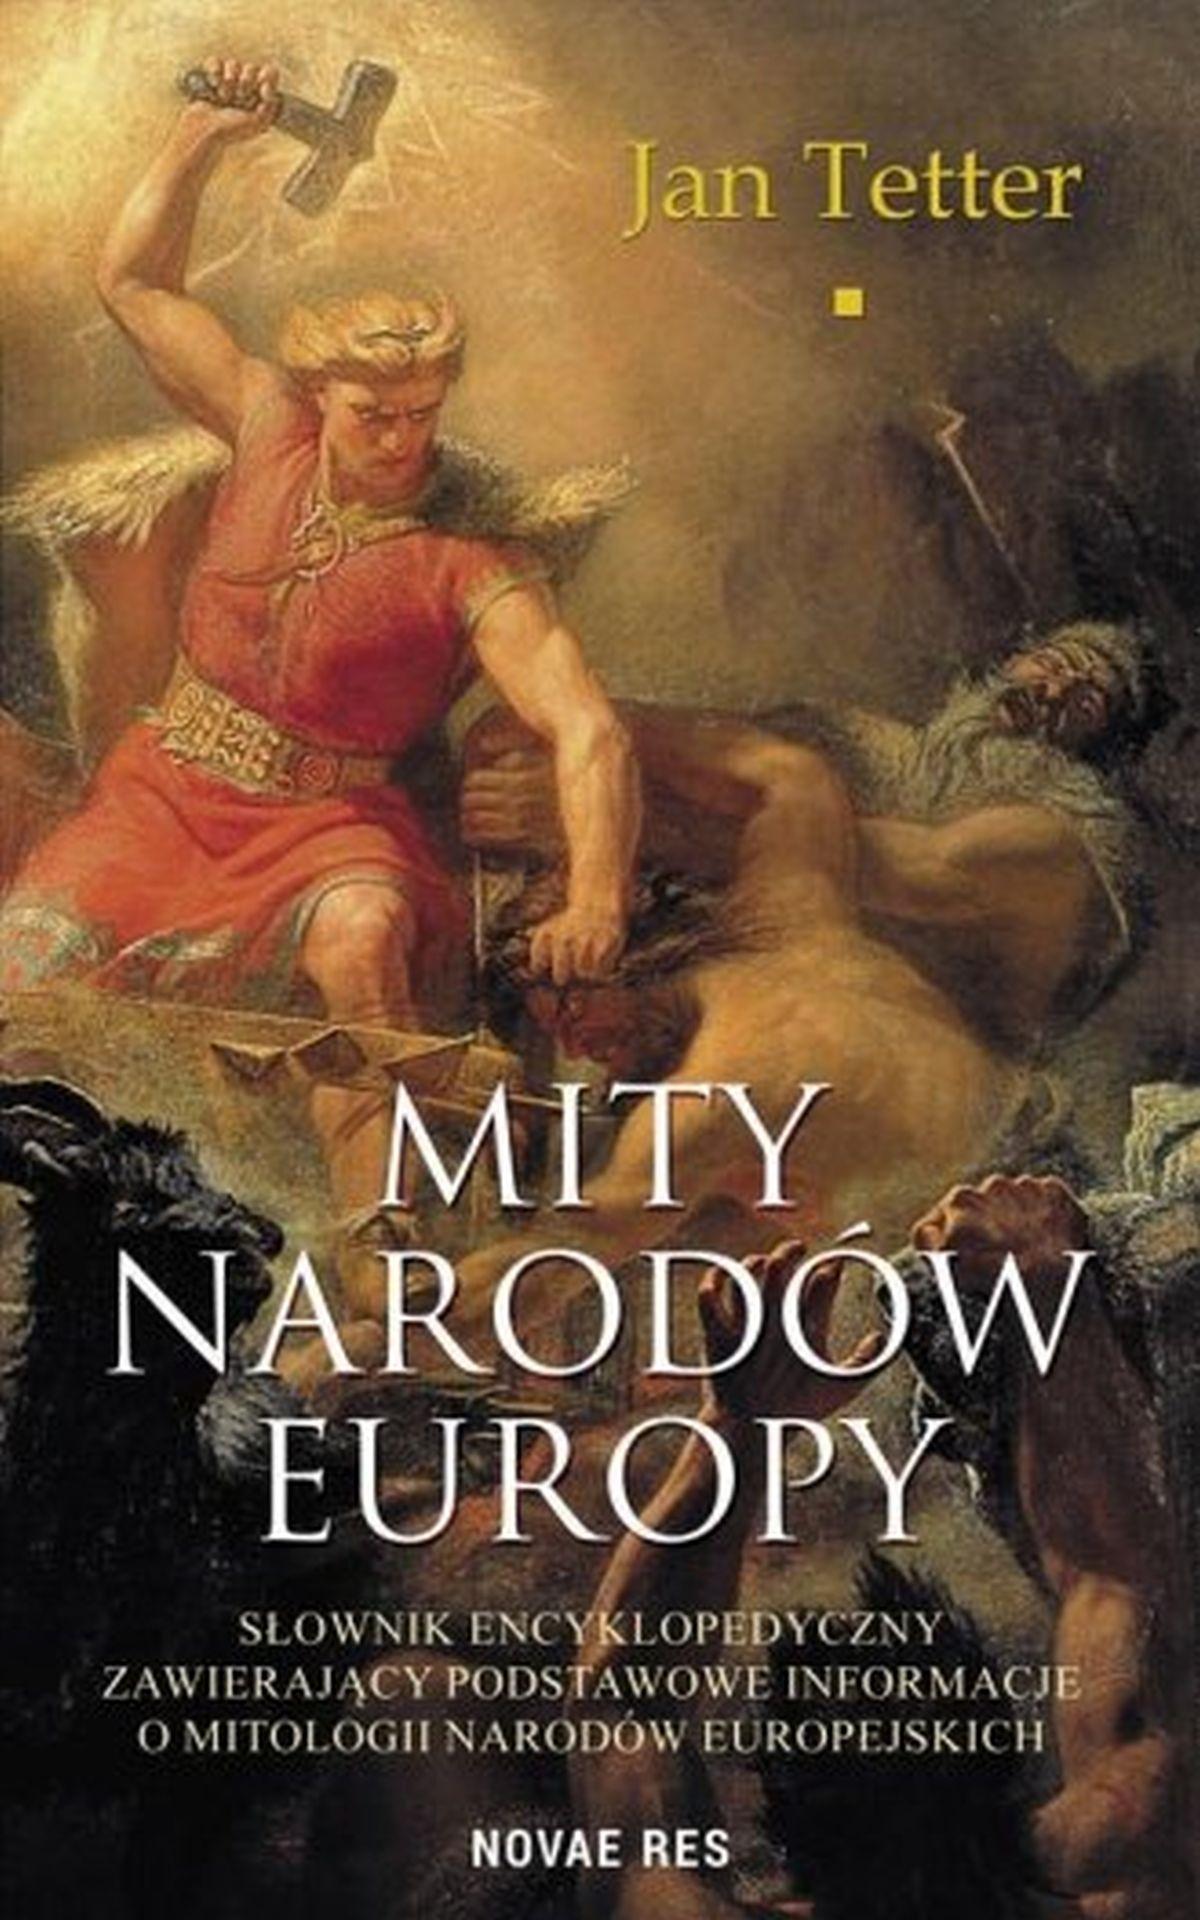 Jan Tetter, Mity narodów Europy